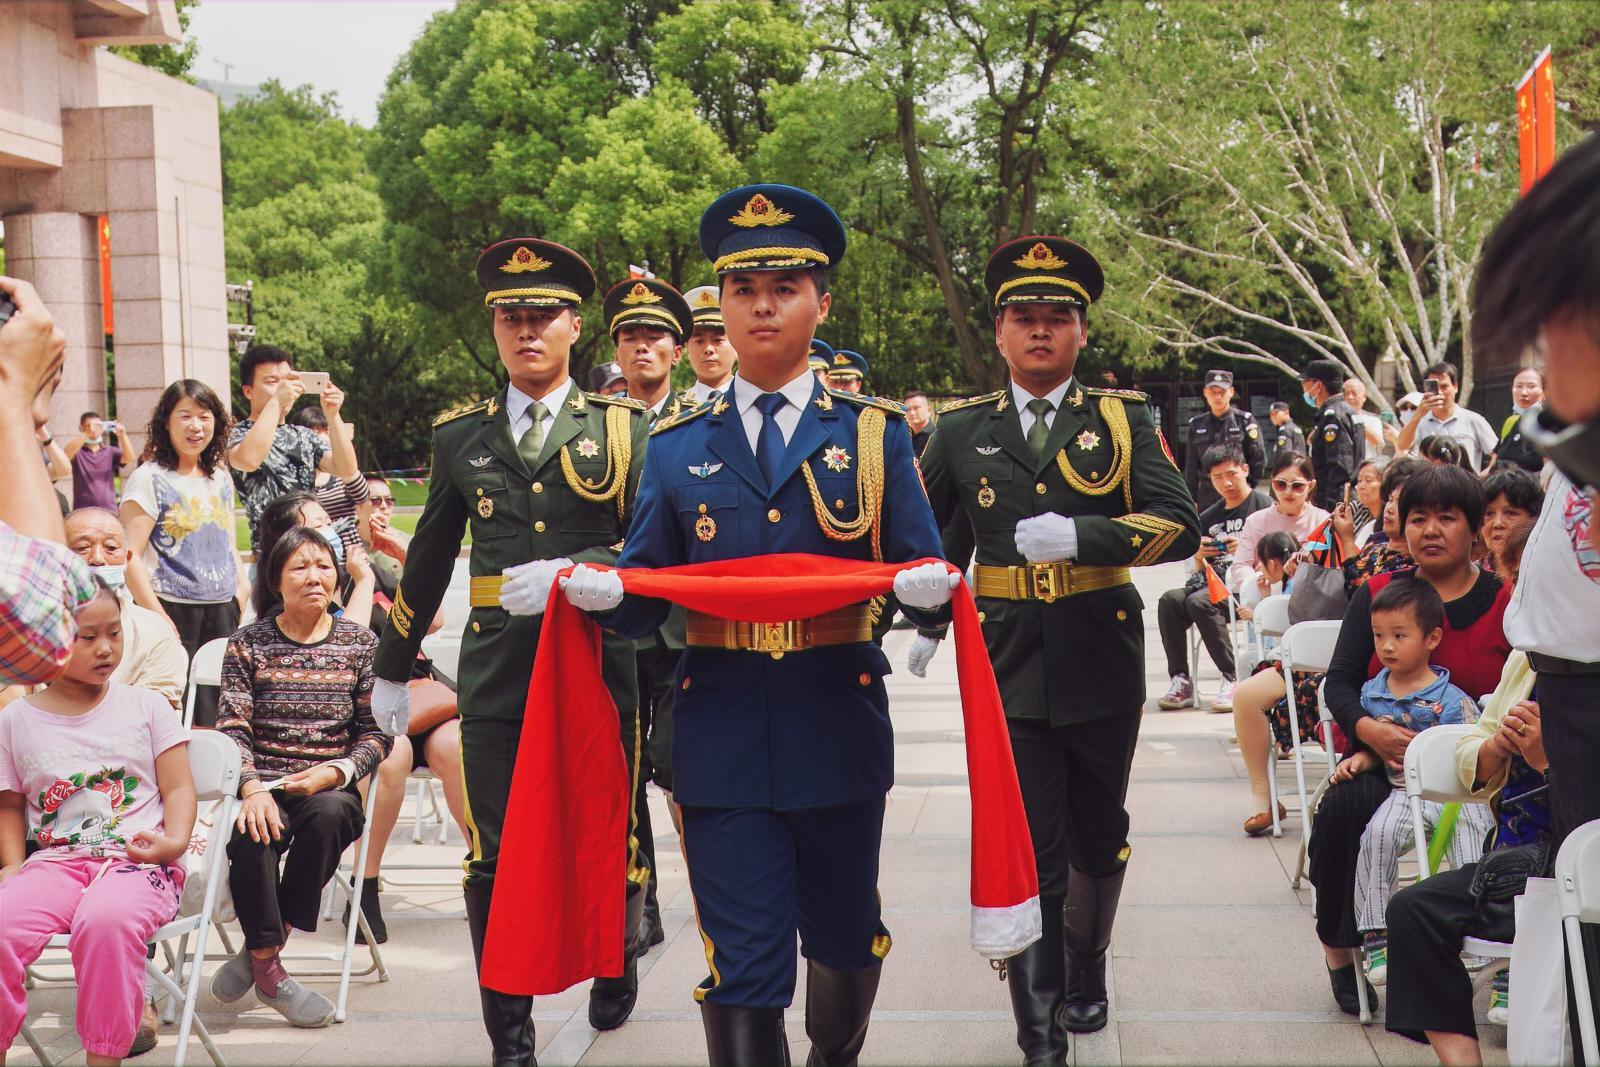 迎接第七个国家烈士纪念日,龙华烈士陵园今举行主题活动缅怀先烈